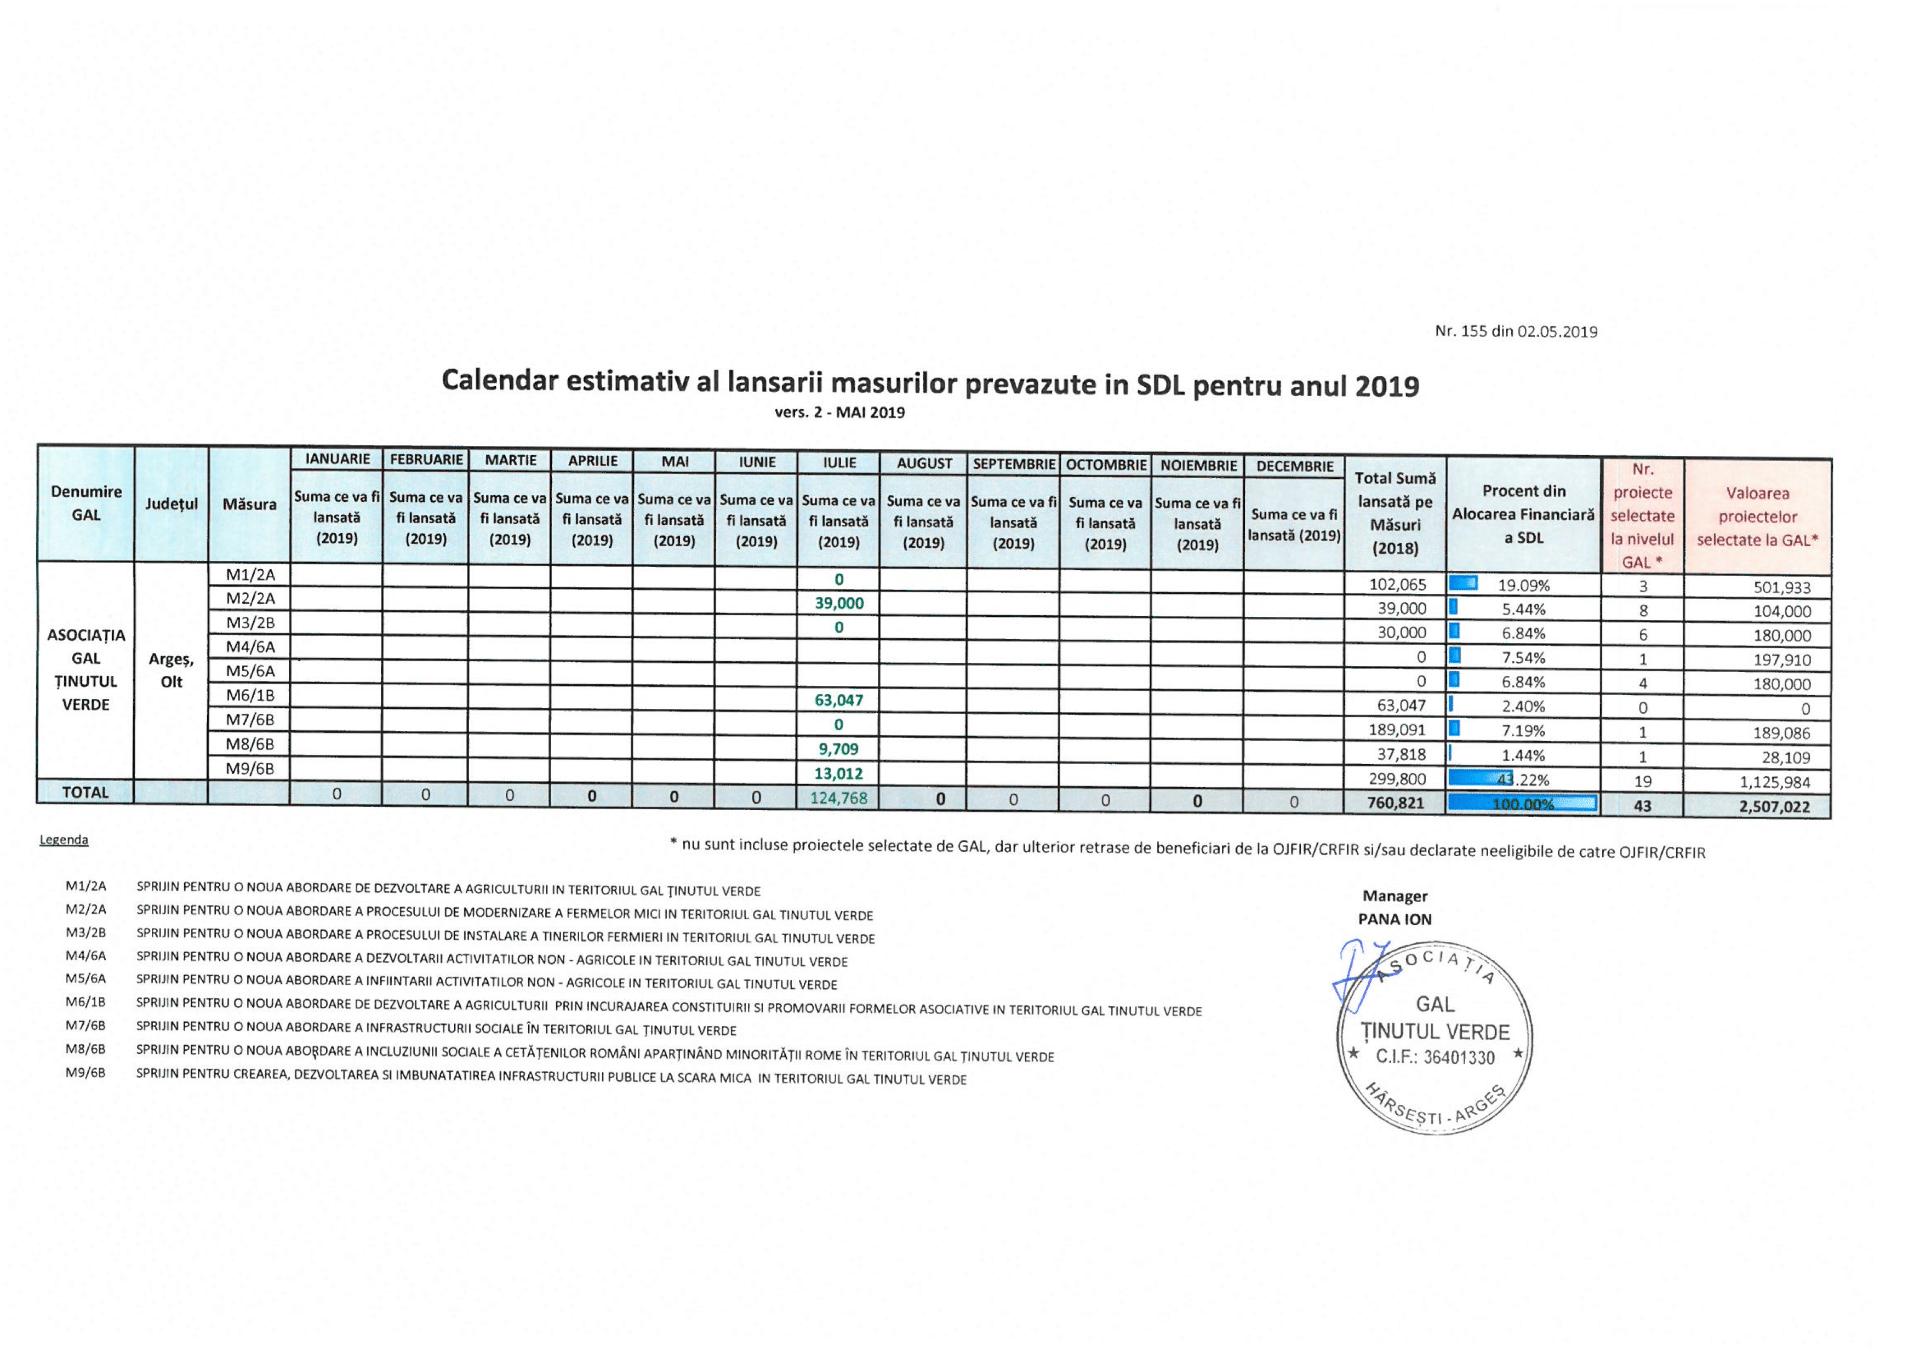 Calendar estimativ lansare proiecte 2019_Asociatia GTV vers.2_MAI 2019